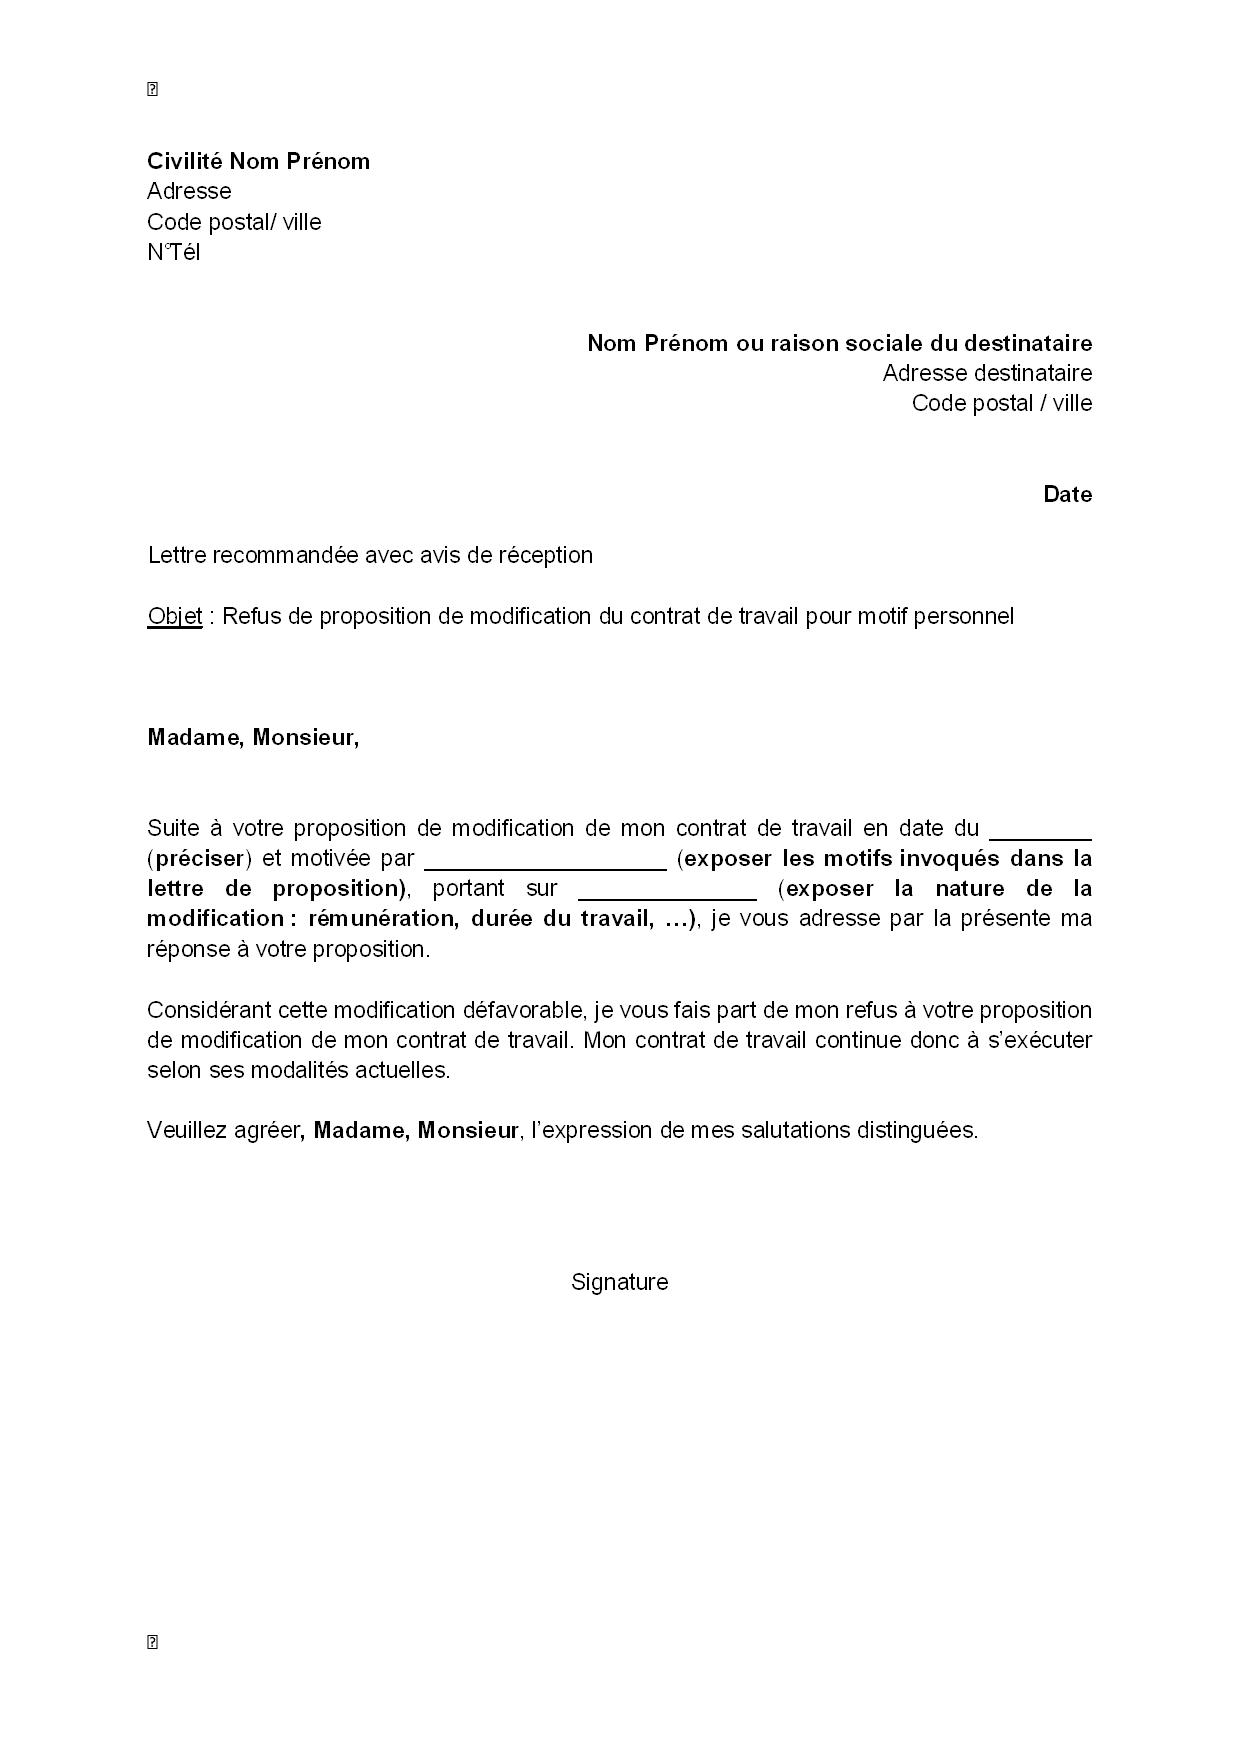 lettre de refus  par le salari u00e9  de la modification de son